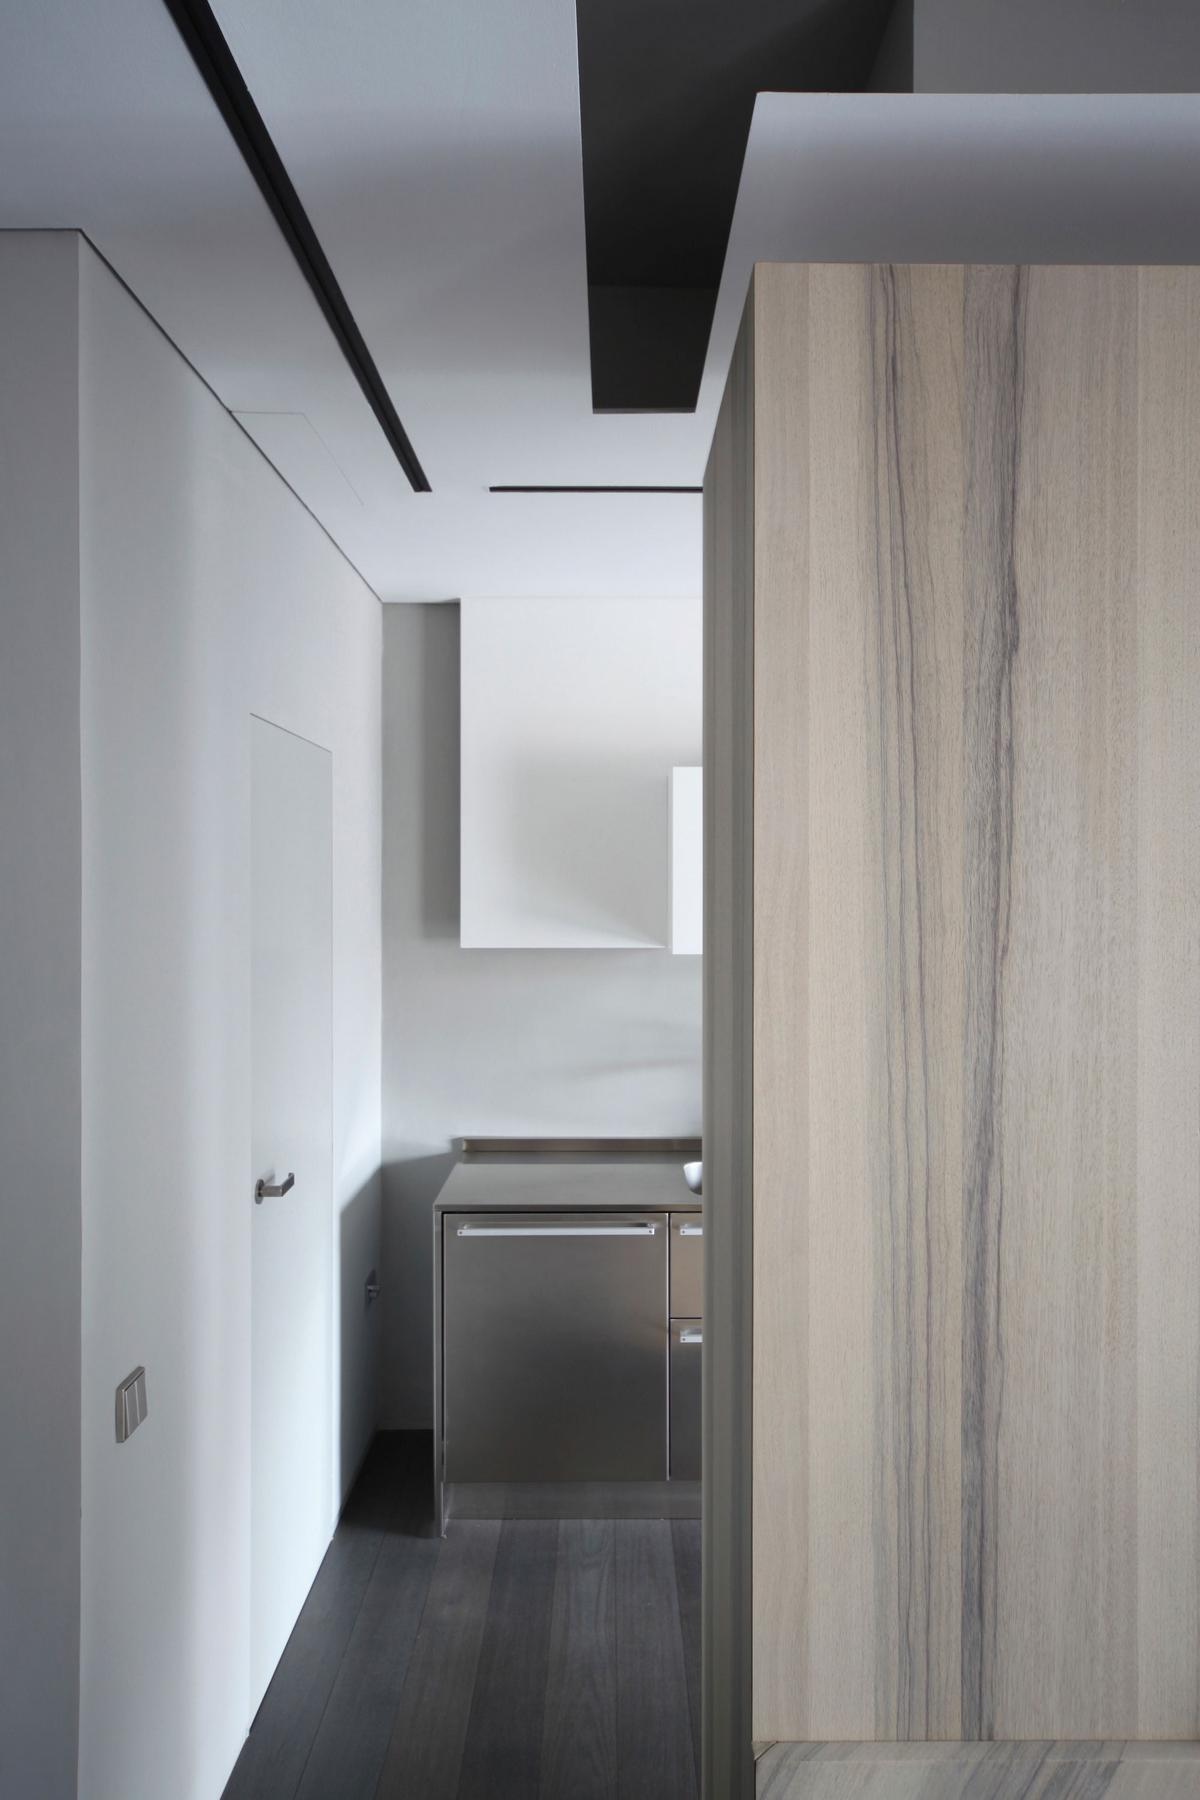 An (In)Discreet Eye, дизайн-ателье UdA, UdA, квартира в Турине, стильный дизайн интерьера, стильная квартира обзор, роскошная квартира в Италии, арка